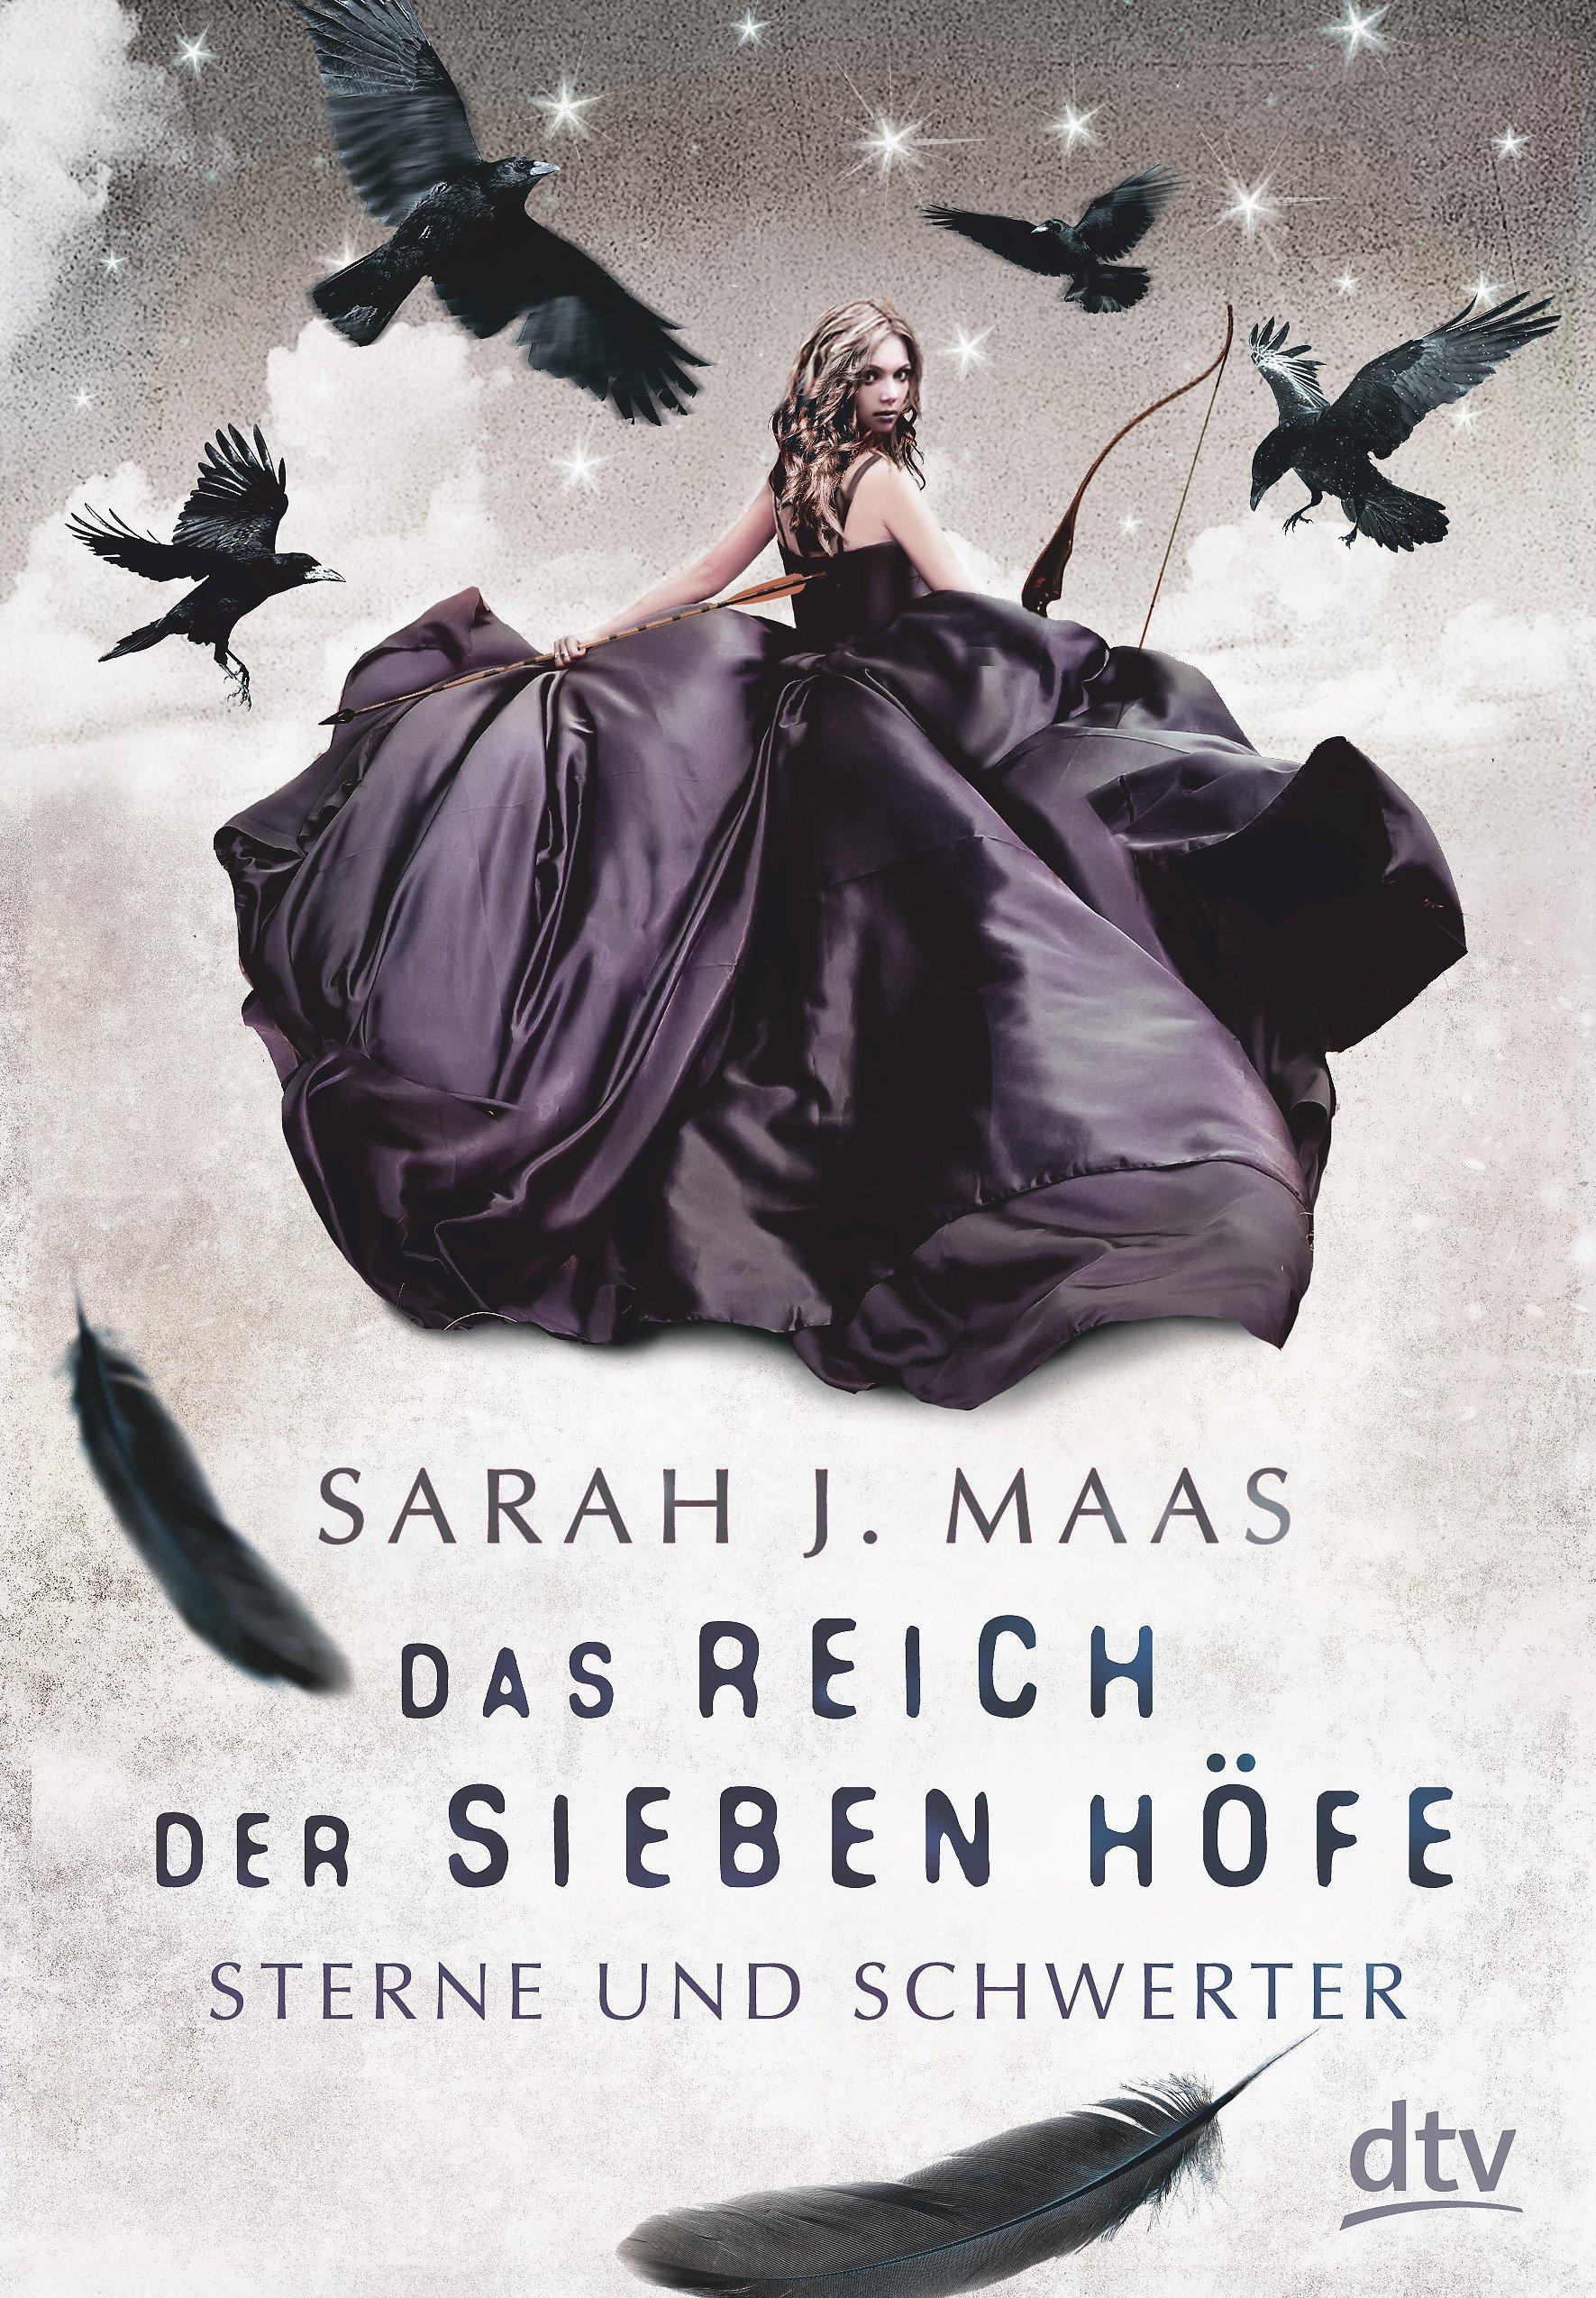 Das Reich der sieben Höfe - Sterne und Schwerter (Sarah J. Maas)